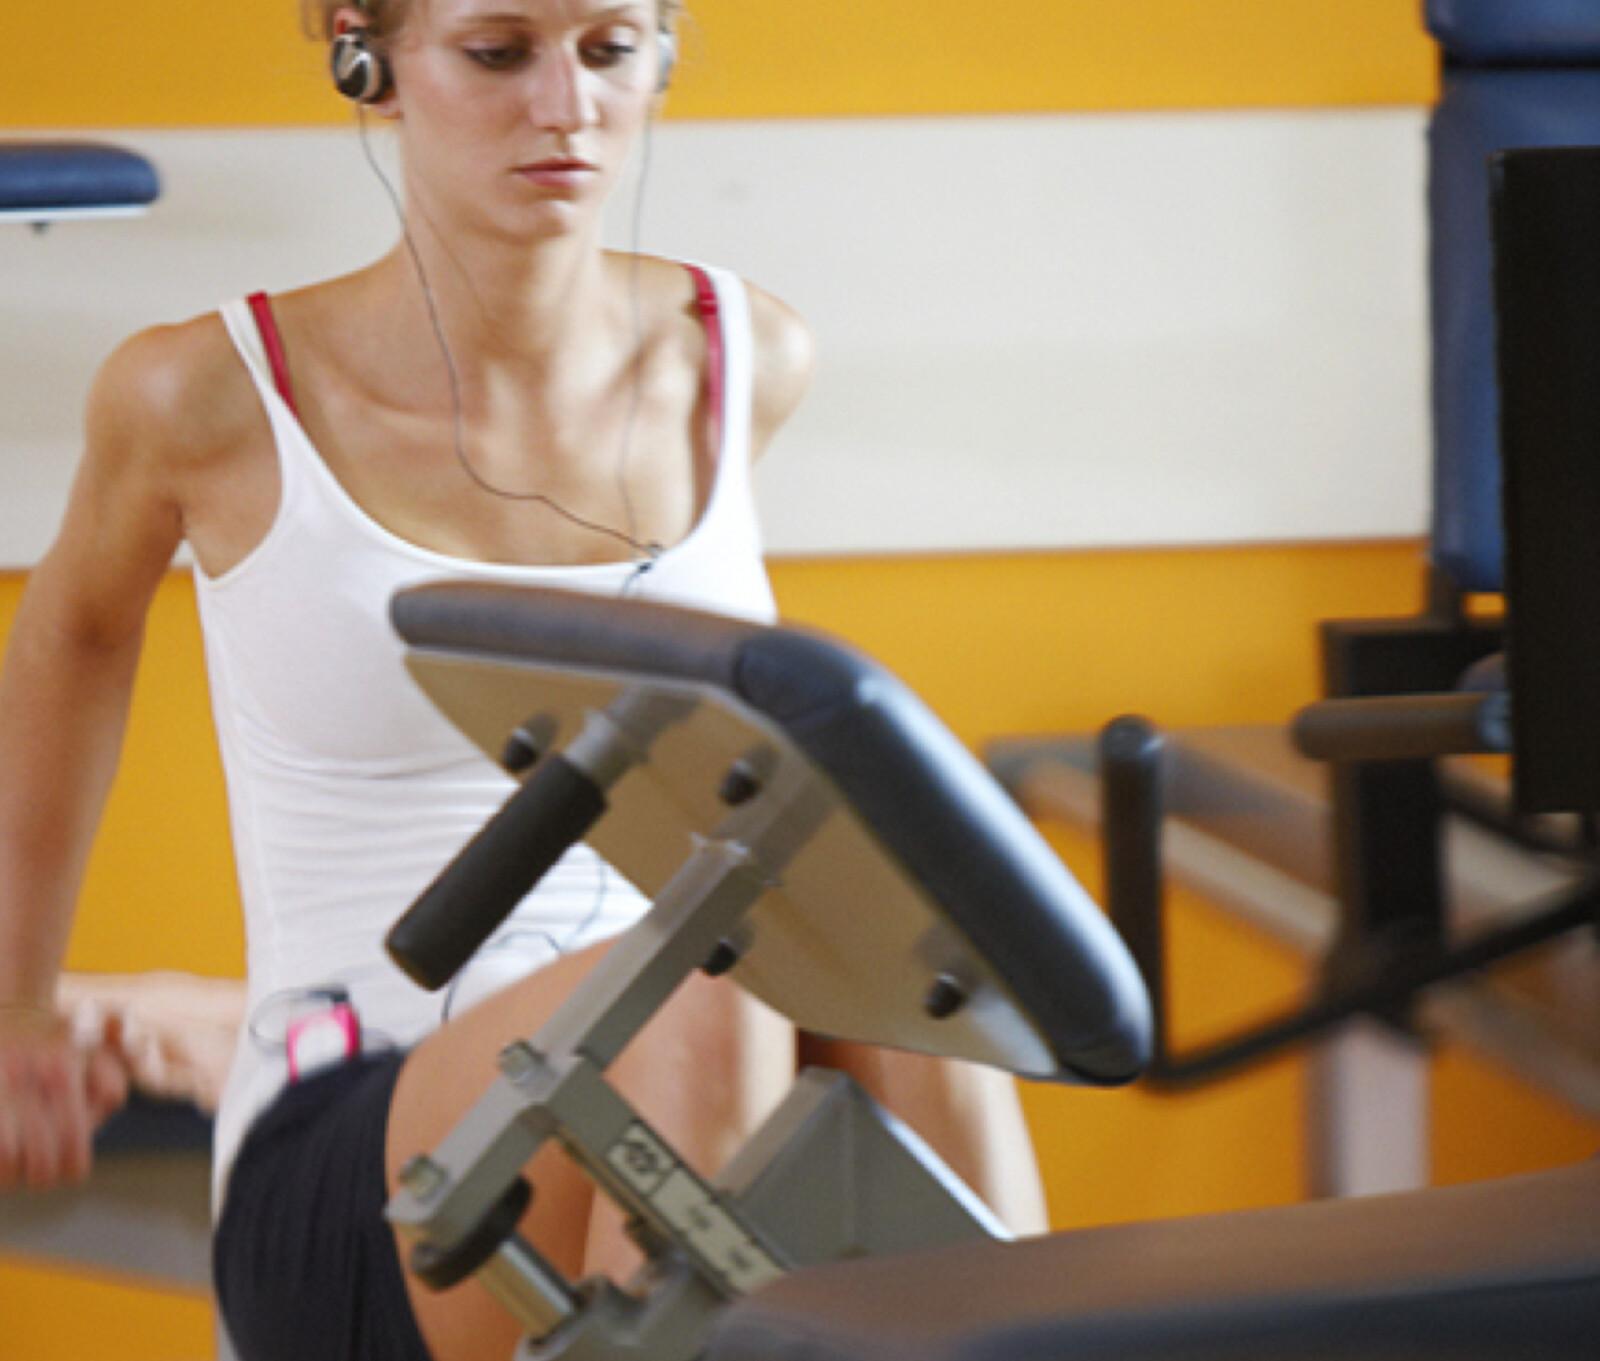 Fitness für Frauen. Dein individuelles Figur, Körper und Fitnessprogramm. LadyFit Bamberg.